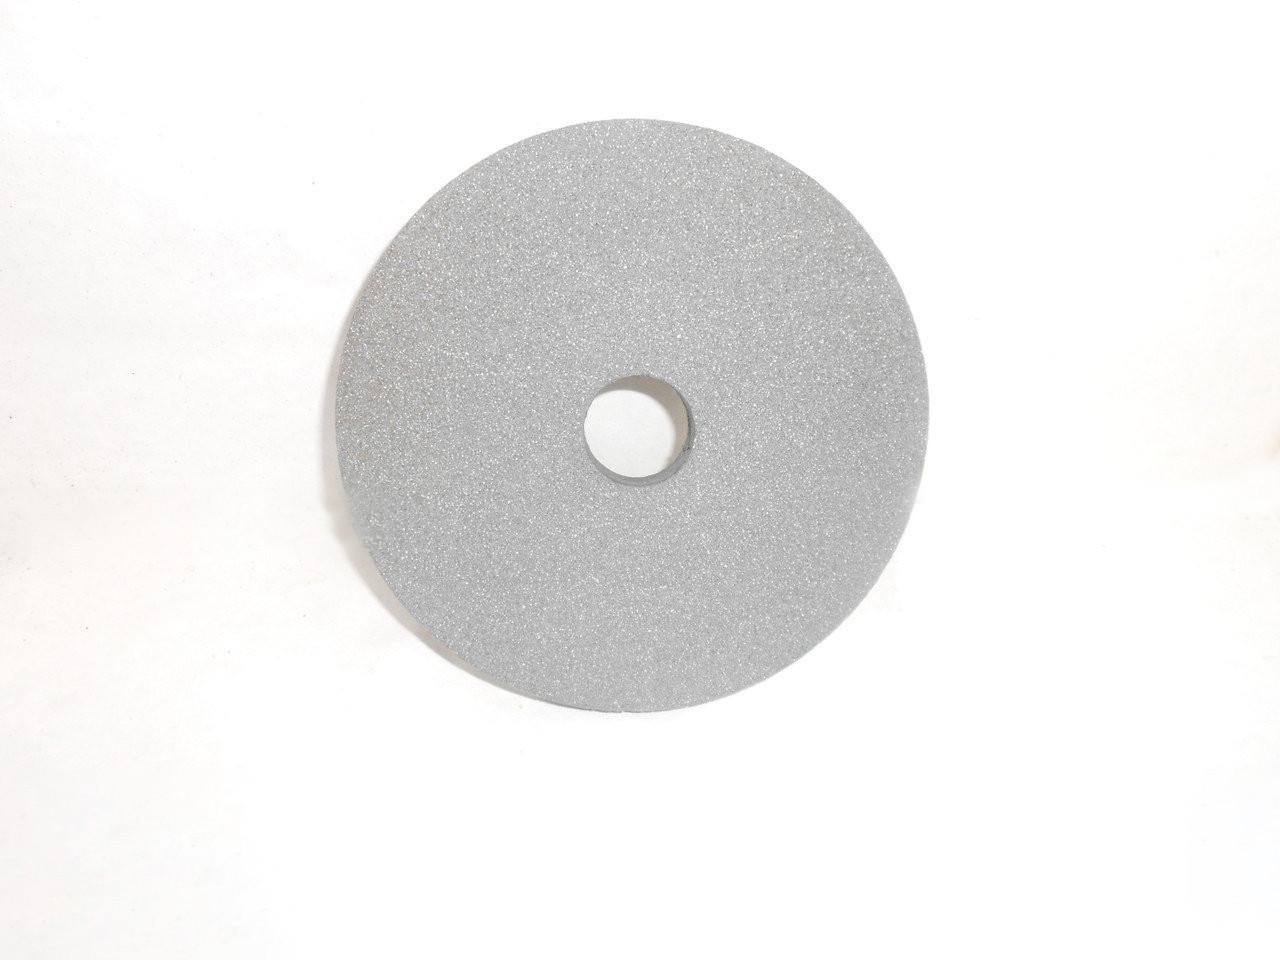 Круг шлифовальный 14А ПП 350х25х127  25-40 CМ-СТ